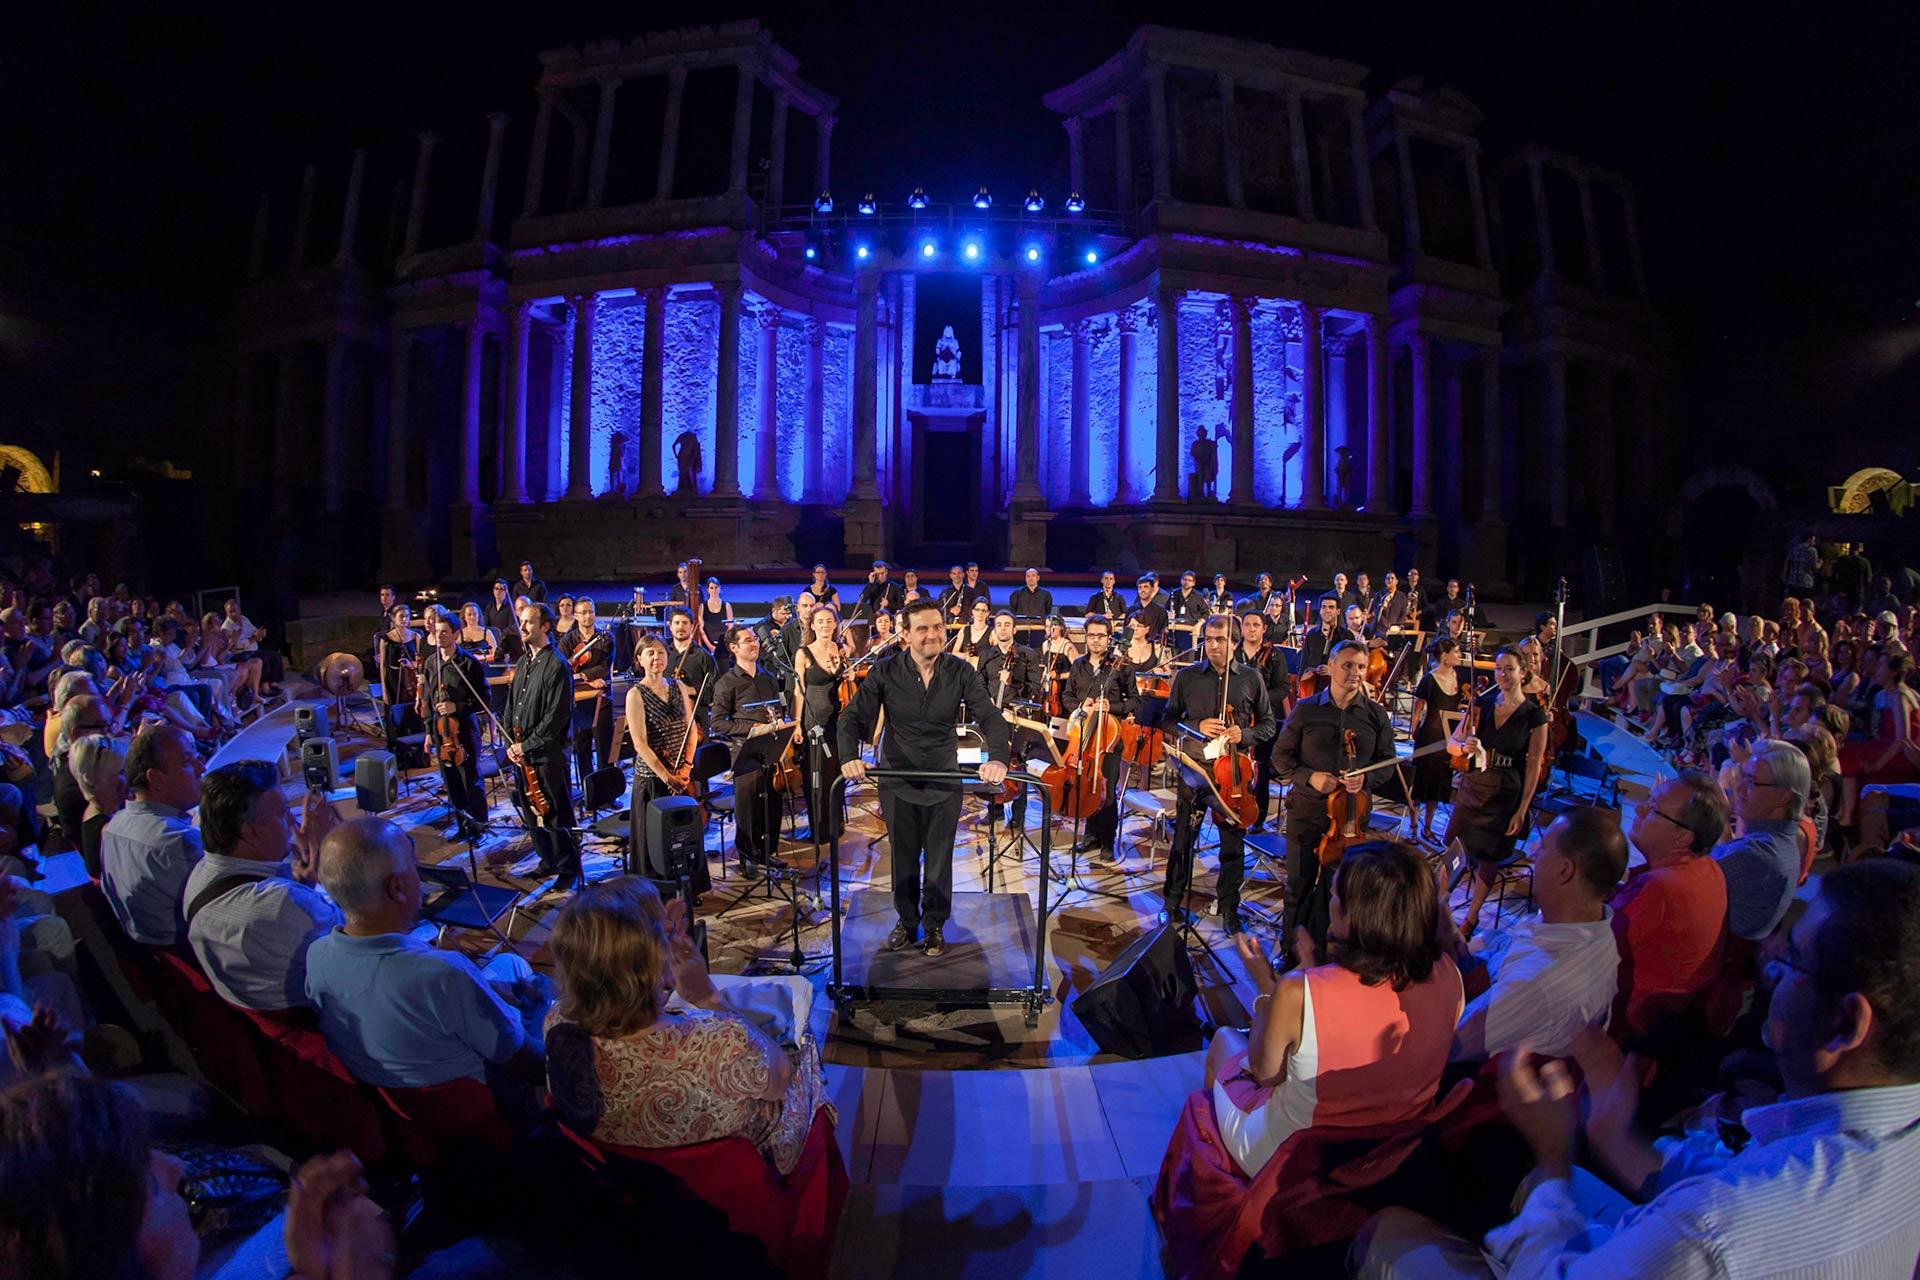 La Orquesta de Extremadura en el Festival Internacional de Teatro Clásico de Mérida. Foto de Jero Morales